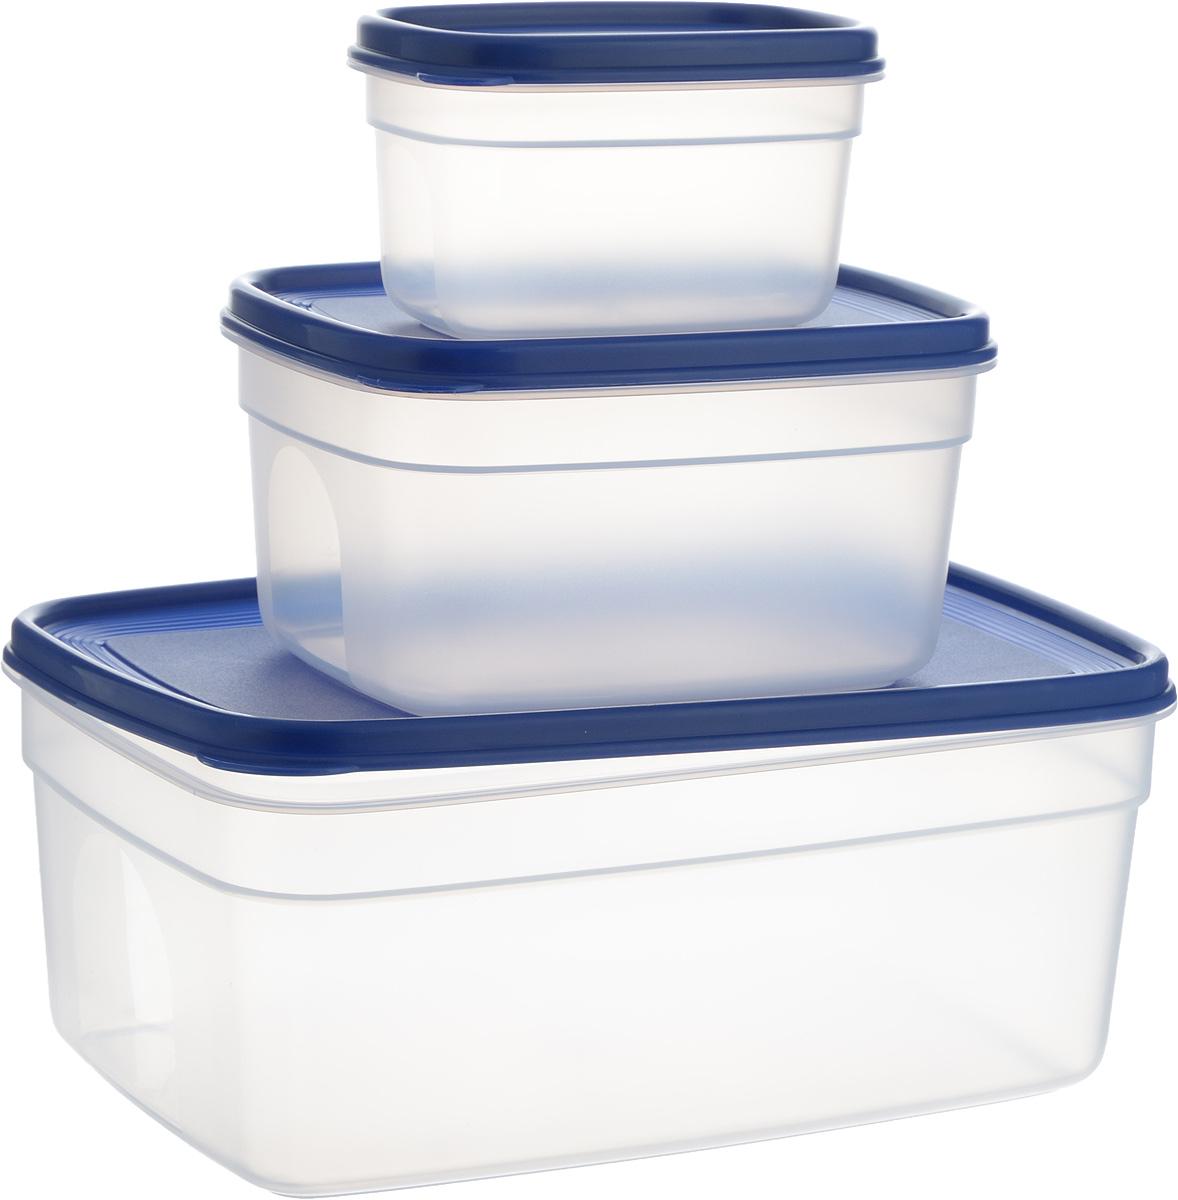 Набор контейнеров Emsa Superline, 3 штVT-1520(SR)Набор контейнеров Emsa Superline состоит из 3 прямоугольных контейнеров разного размера. Контейнеры выполнены из прочного пищевого пластика без содержания BPA. Изделия имеют плотно закрывающиеся мягкие крышки, которые позволяют продуктам дольше оставаться свежими и защищают от попадания грязи и влаги. Набор отлично подойдет для использования дома и на даче, контейнеры небольших размеров удобно брать с собой на работу или учебу. Изделия можно использовать в СВЧ при температуре до +110°С, ставить в холодильник при температуре -40°С, а также мыть в посудомоечной машине. Крышки выдерживают температуру от -40°С до +80°С. Объем контейнеров: 500 мл, 1,7 л, 4,5 л. Размер контейнеров: 14 х 9 х 8 см, 19 х 15 х 10 см, 29 х 19 х 12 см.